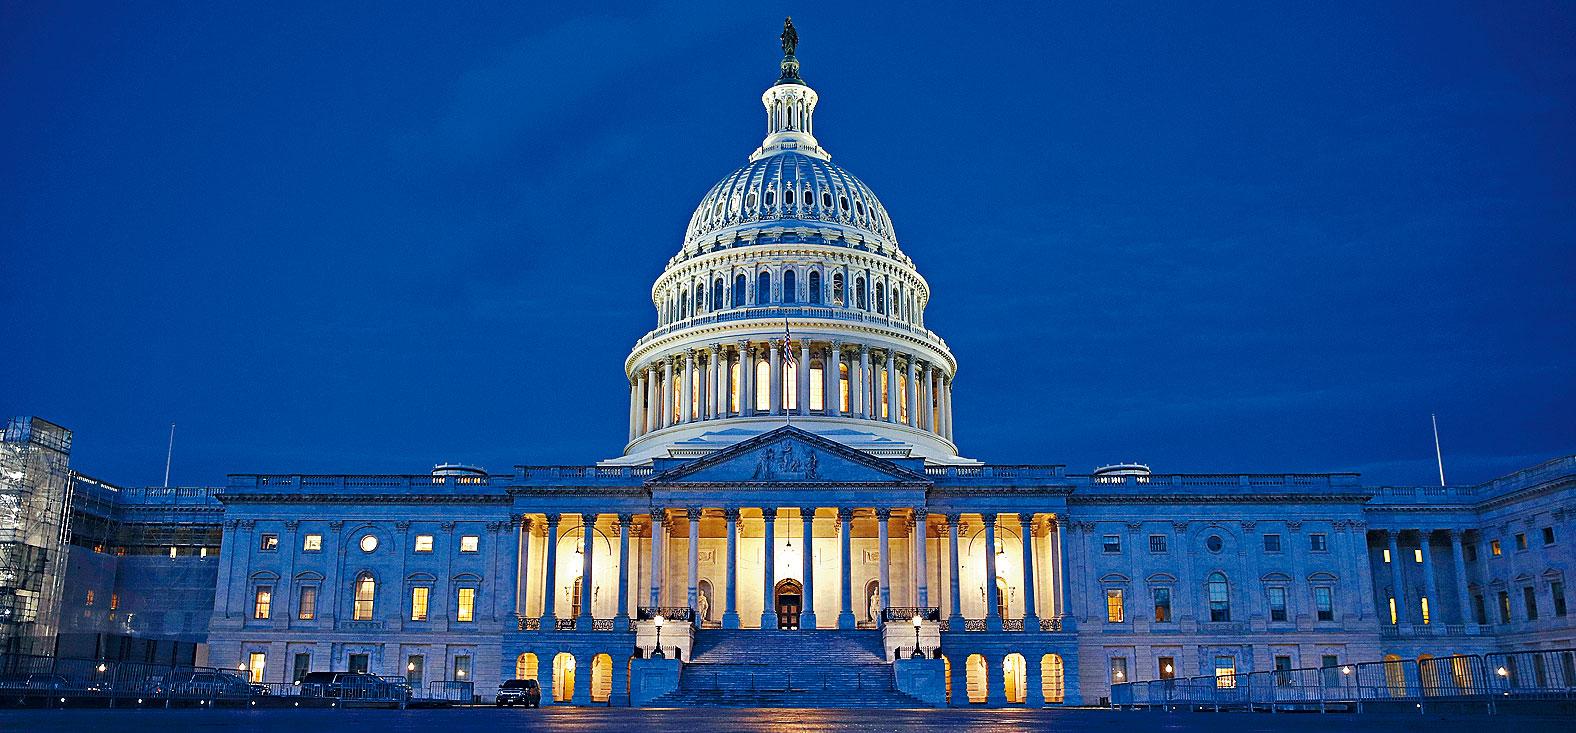 參議院預料最快下周二,就彈劾總統特朗普一案展開審訊。參院多數派領袖麥康諾表示,最快可在本周開始預備程序。    美聯社